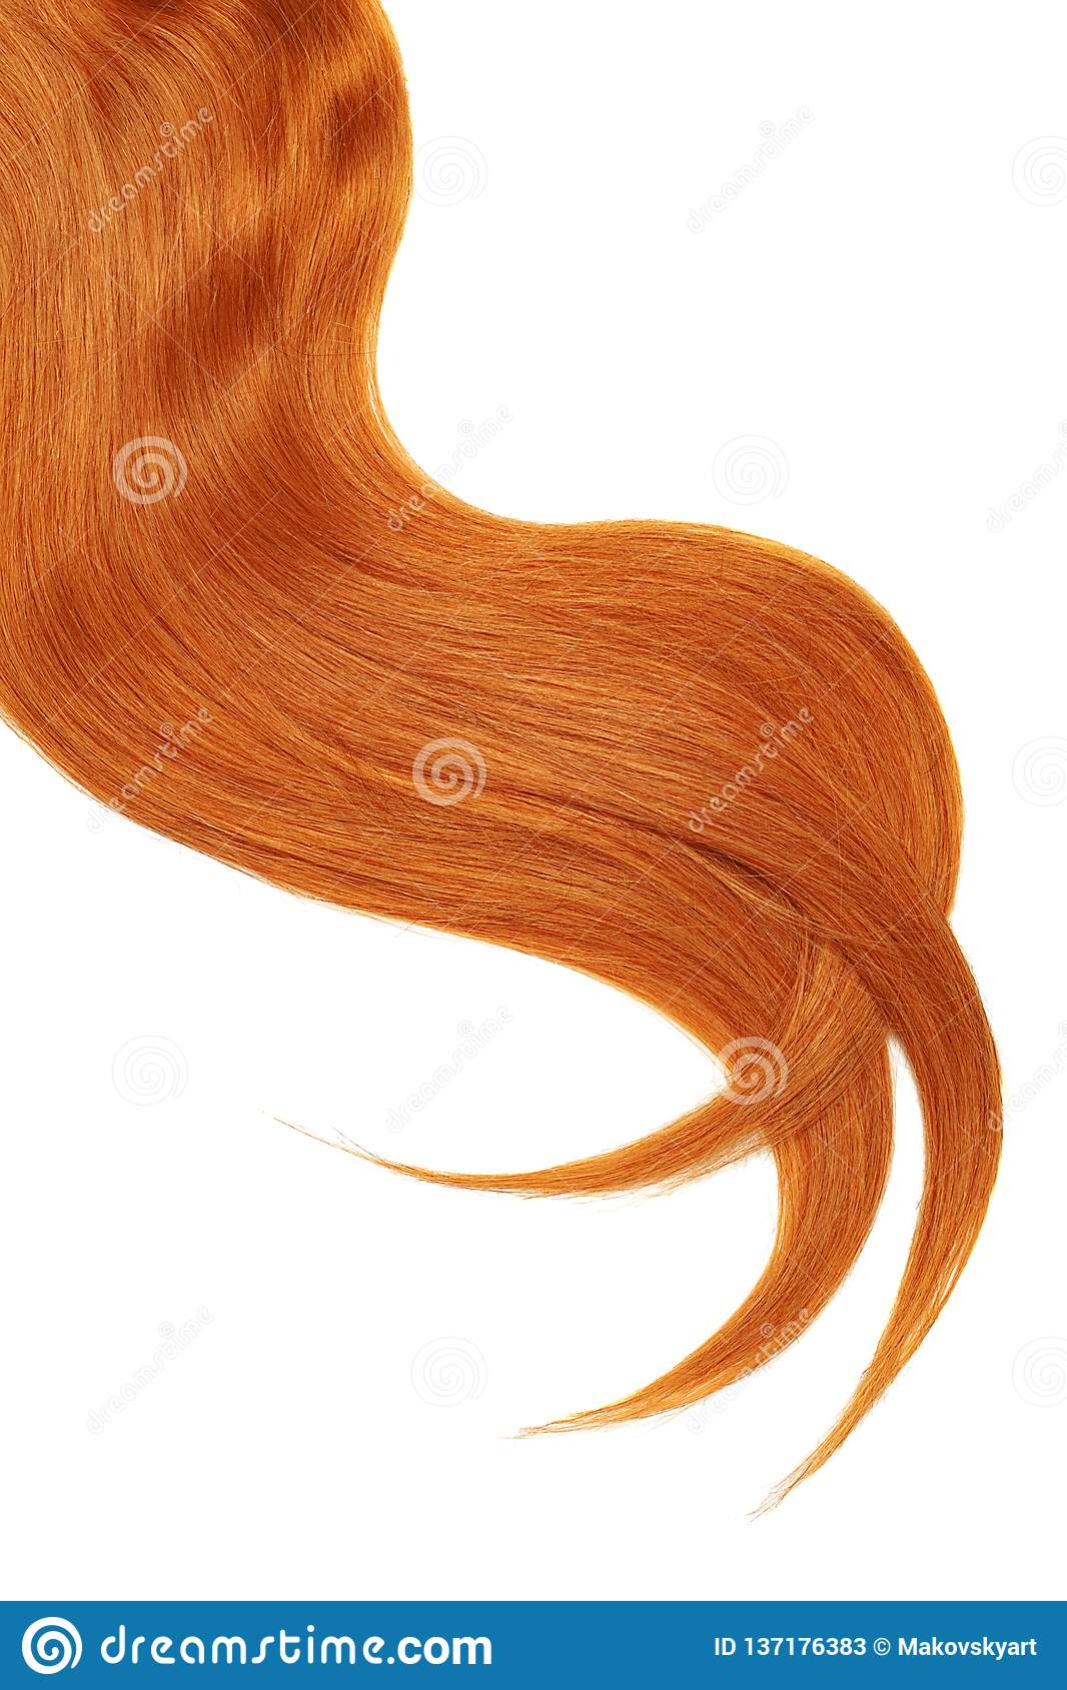 Onda do cabelo vermelho natural no fundo branco Rabo de cavalo ondulado